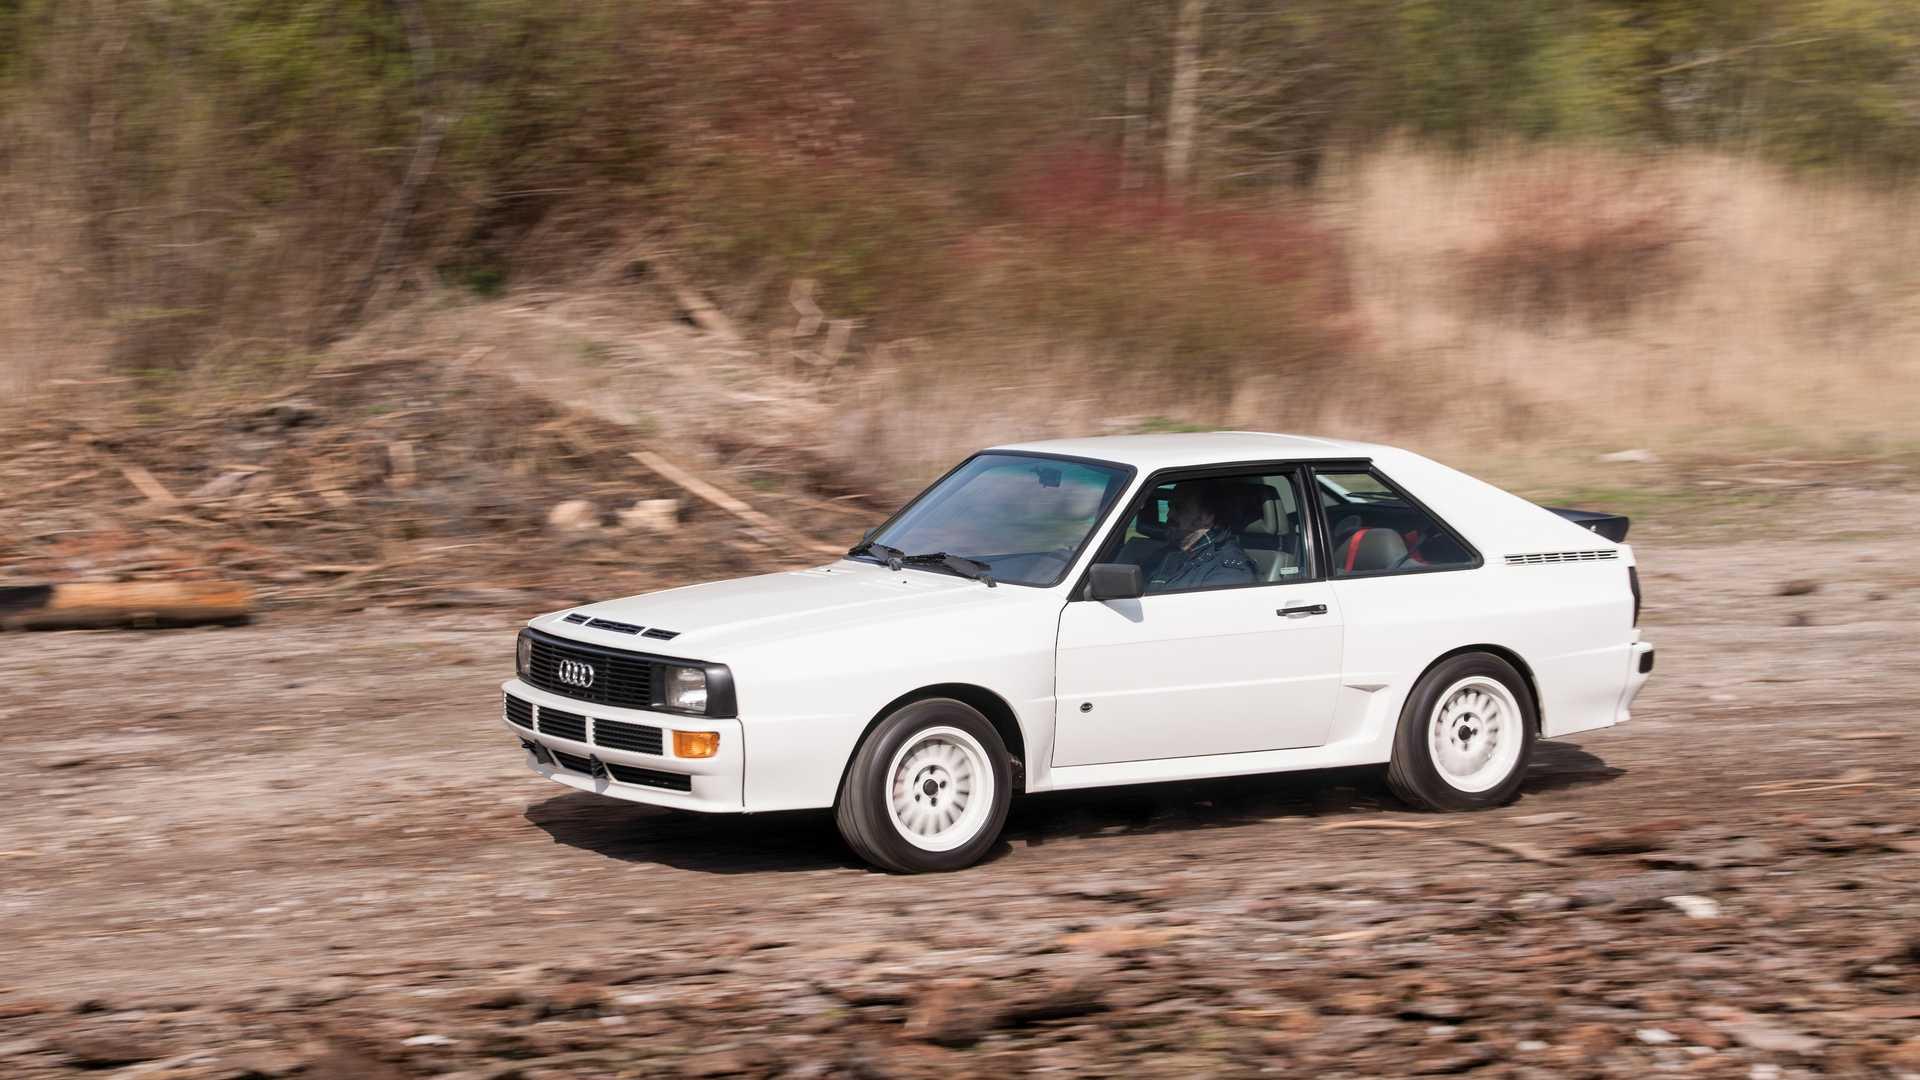 Kelebihan Kekurangan Audi Quattro 1985 Top Model Tahun Ini